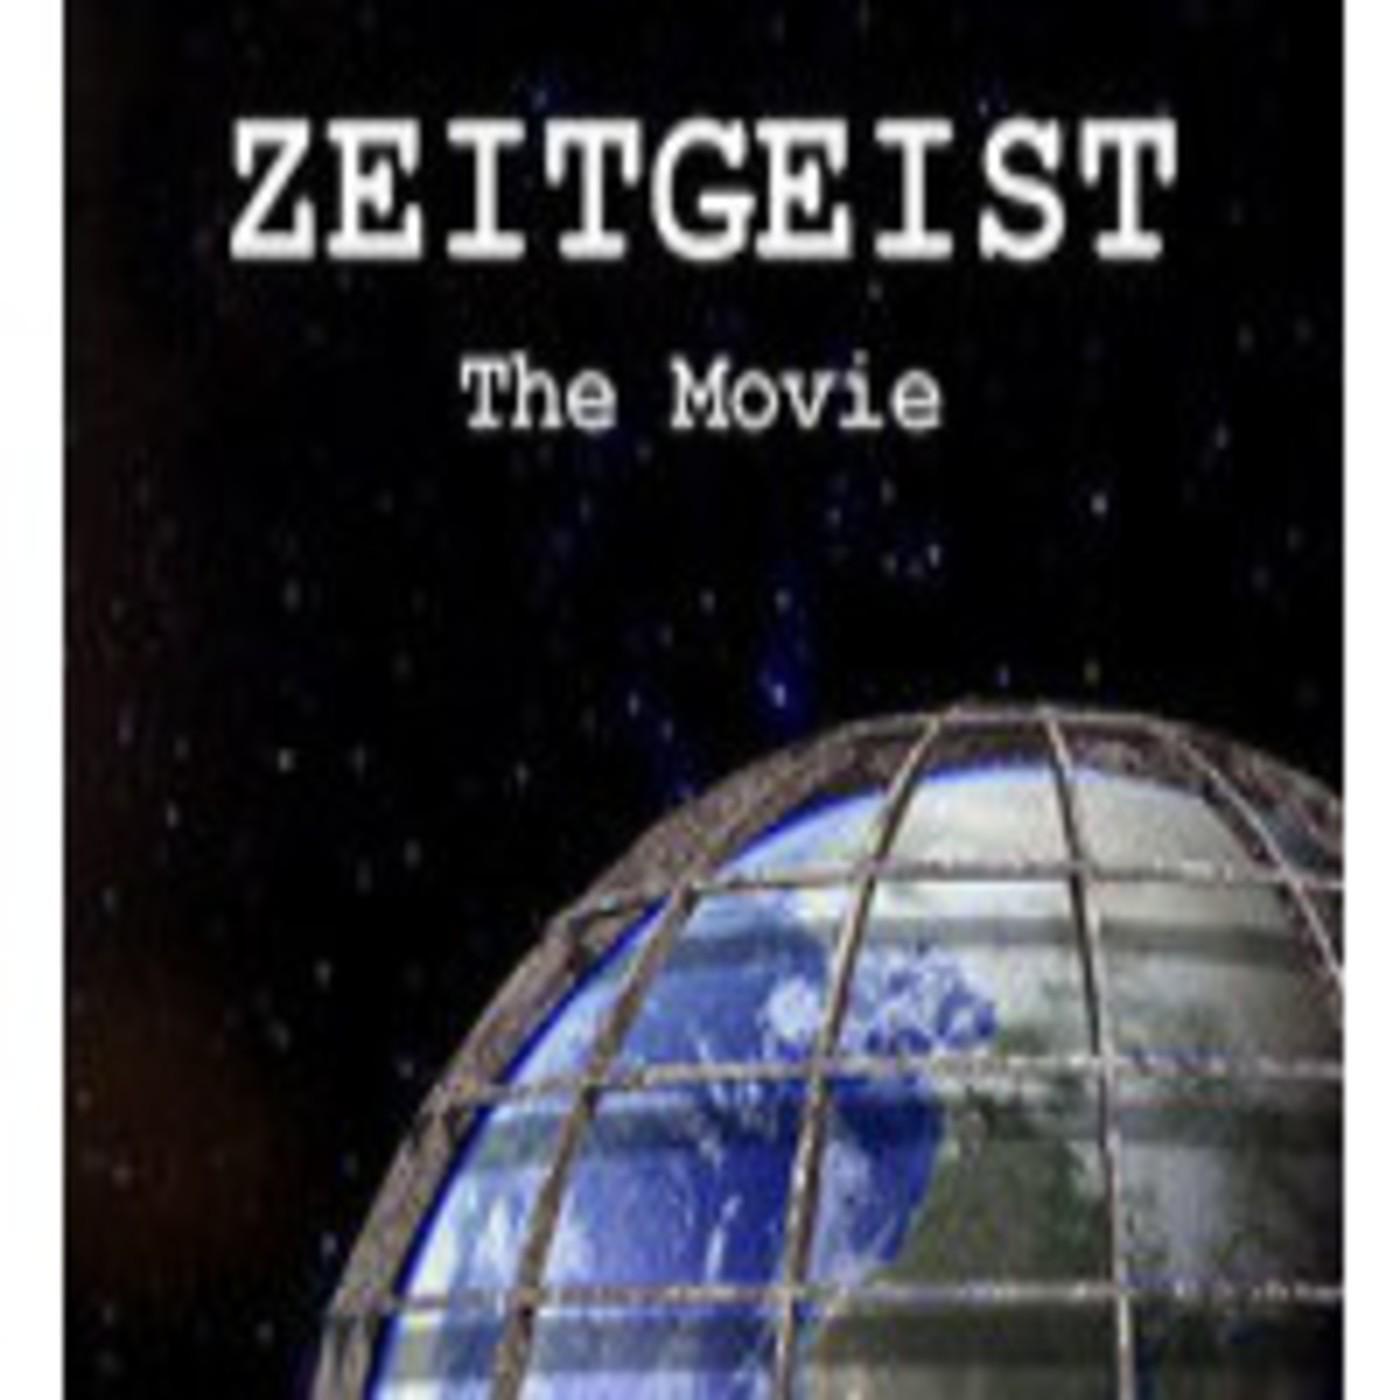 Zeitgeist (The Movie)